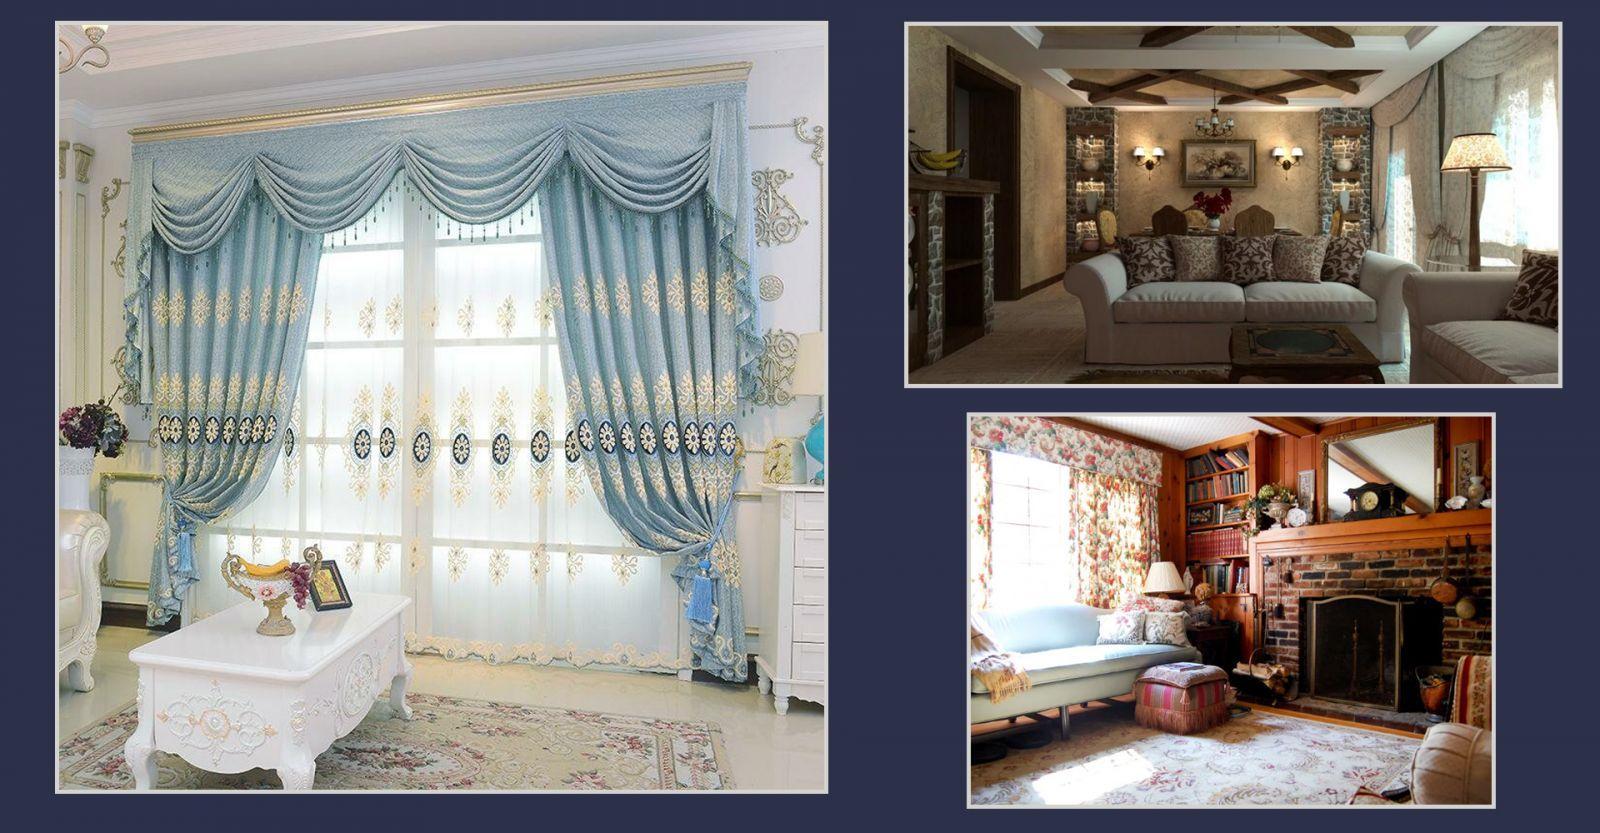 Стиль кантри в интерьере гостиной и шторы в средиземноморском стиле